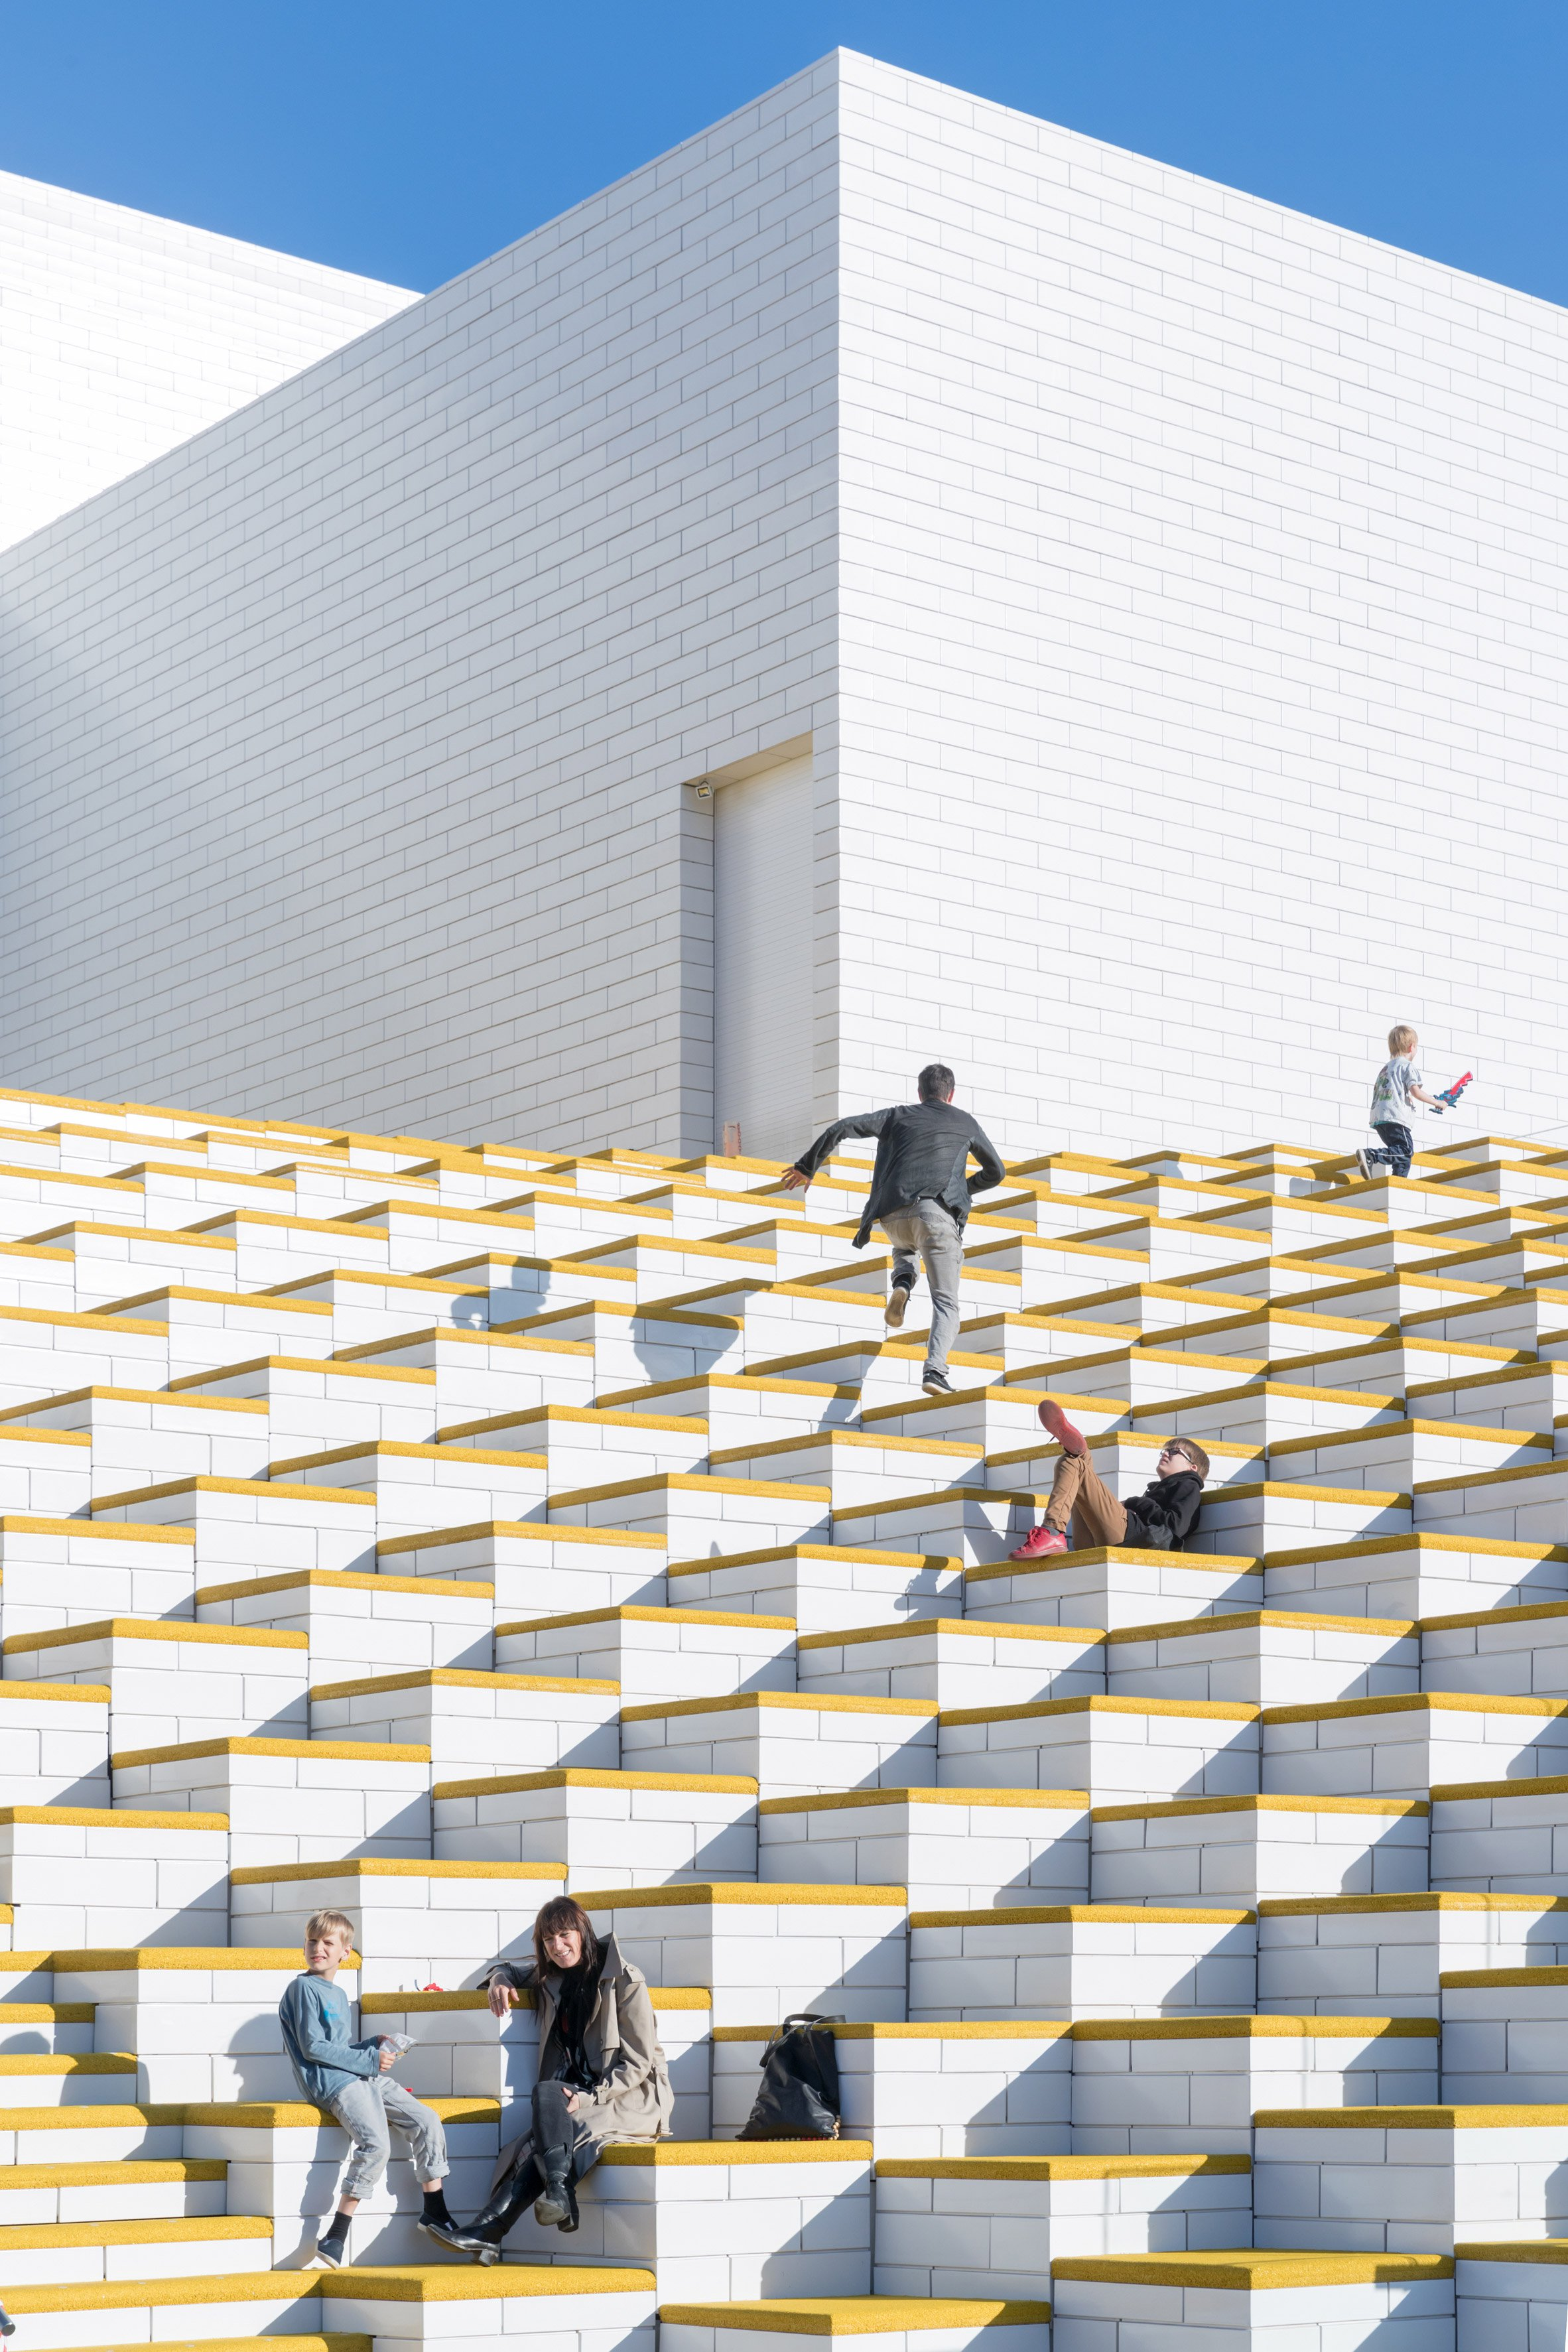 lego-house-big-photographs-iwan-baan-billund-denmark-architecture_dezeen_2364_col_6.jpg